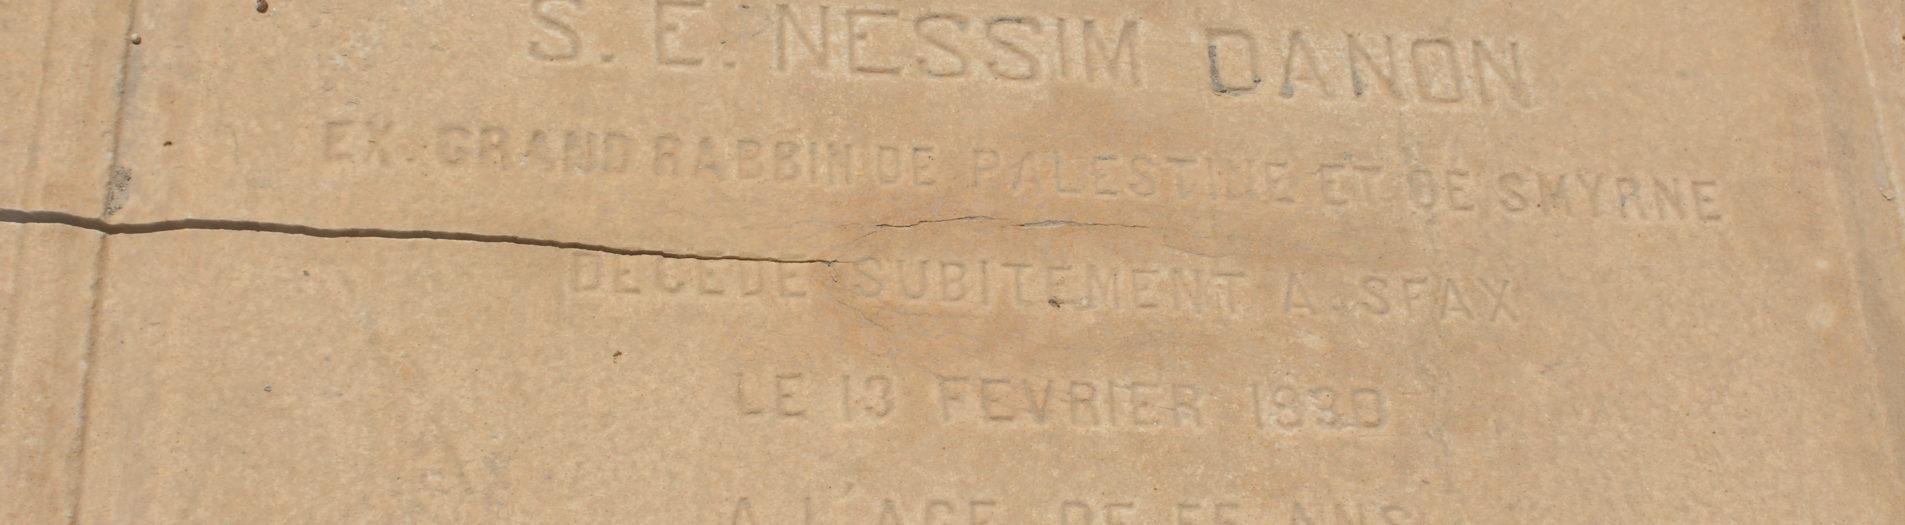 Le Rabbin Nessim Danon à Sfax